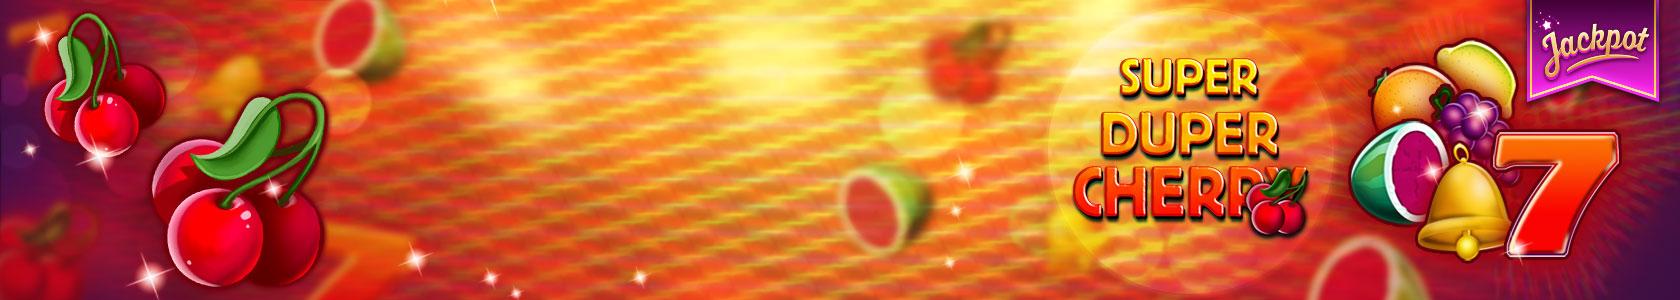 Super Duper Cherry Jetzt Spielen